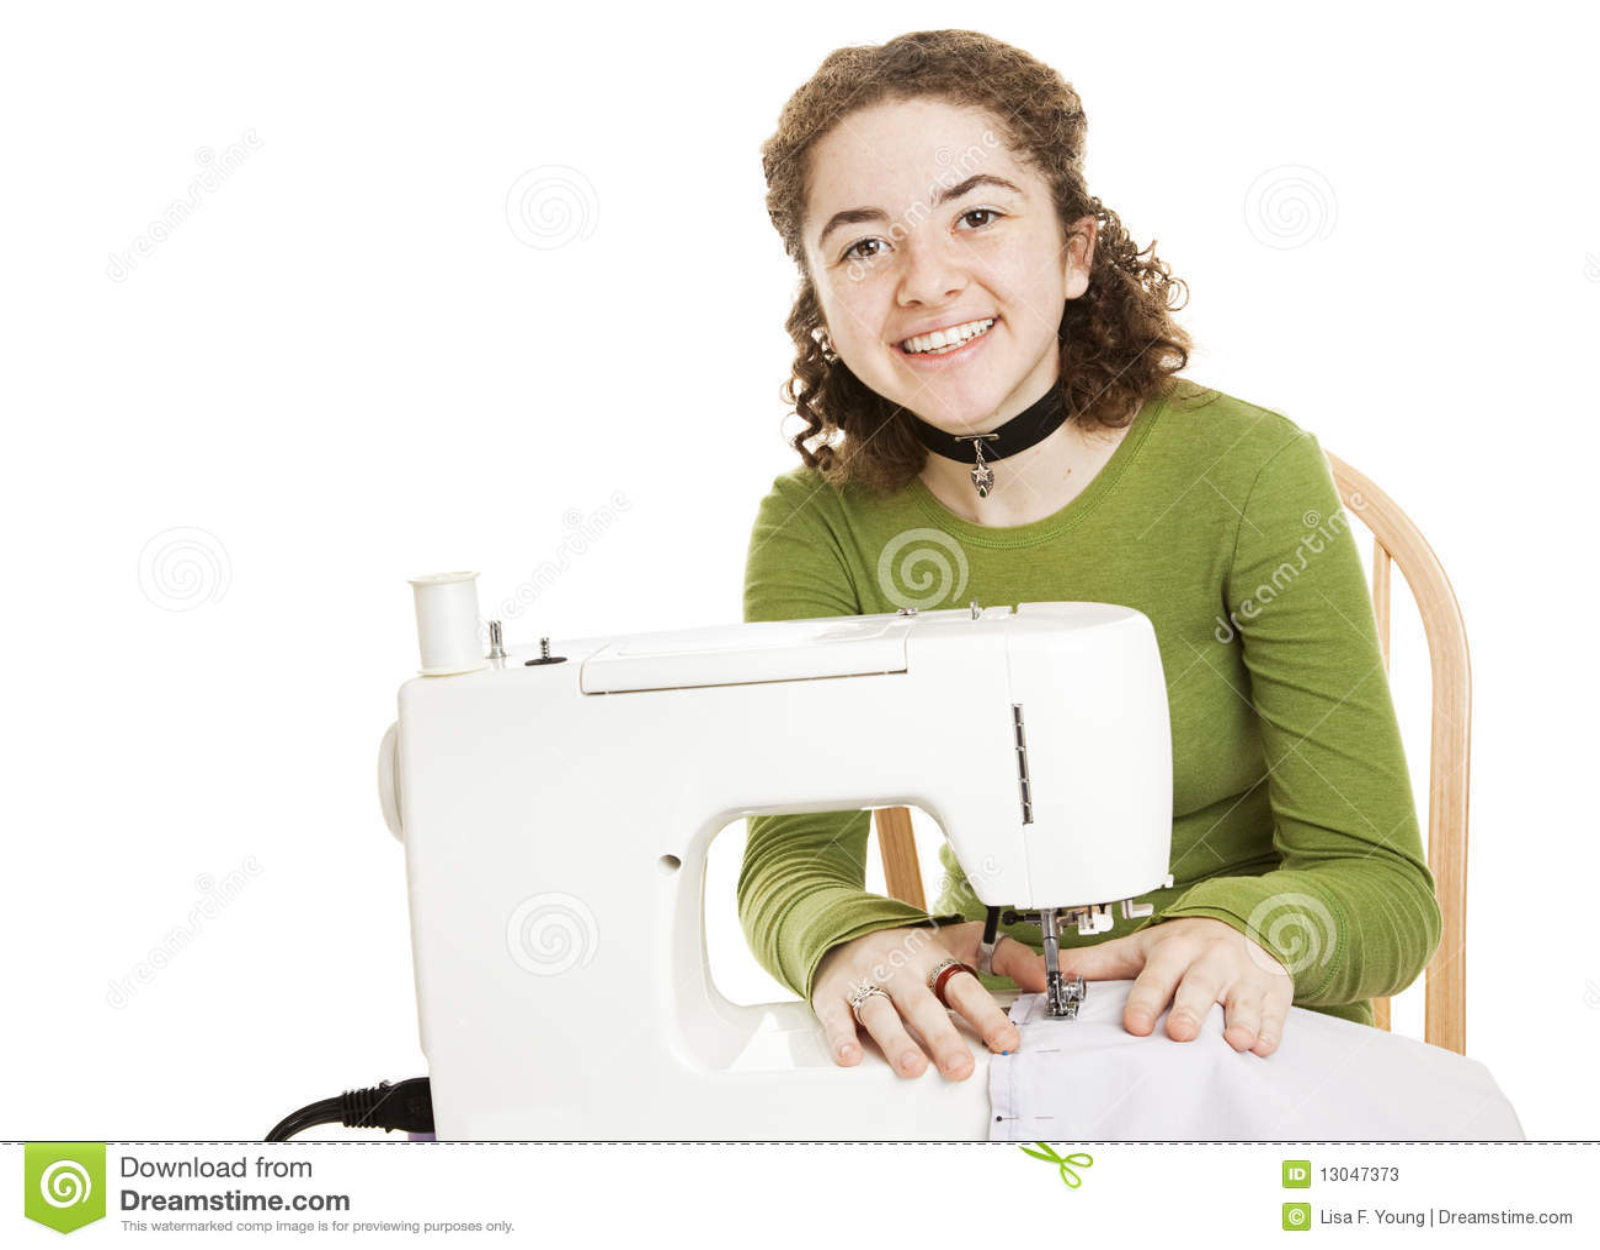 La fille de l adolescence a plaisir la couture